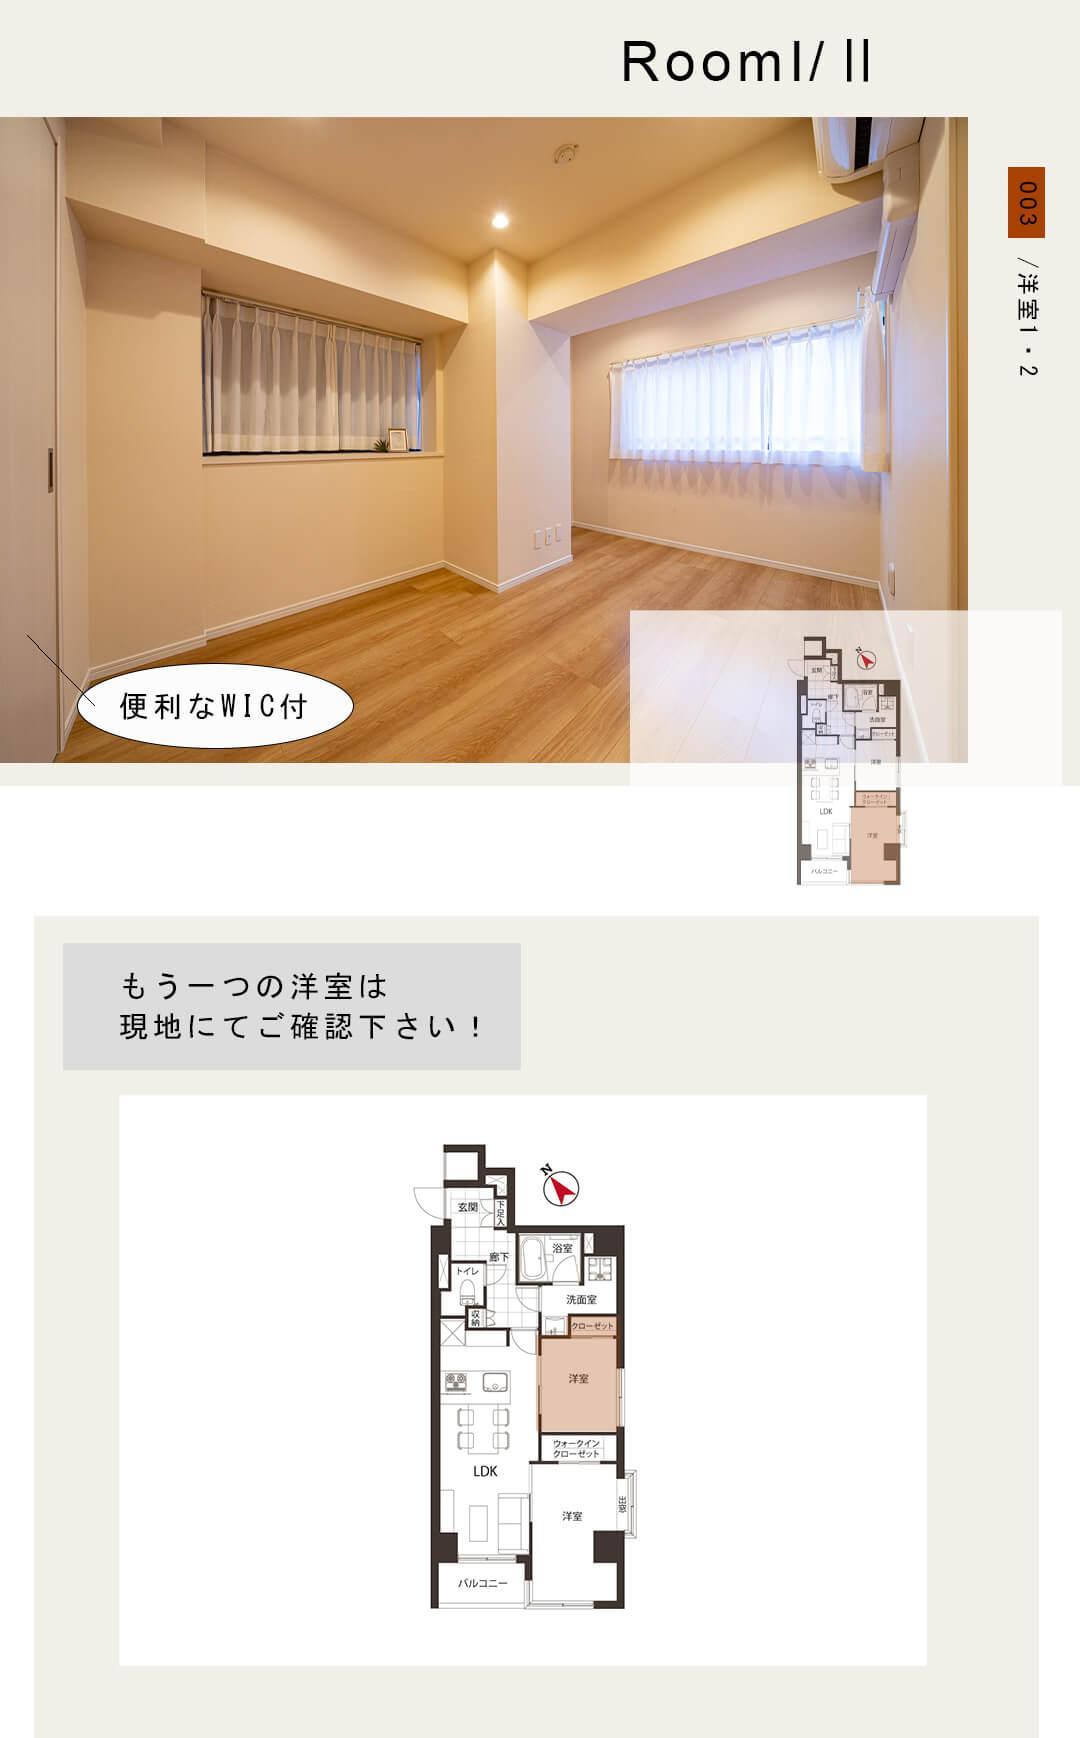 003洋室1,2,Room Ⅰ,Ⅱ